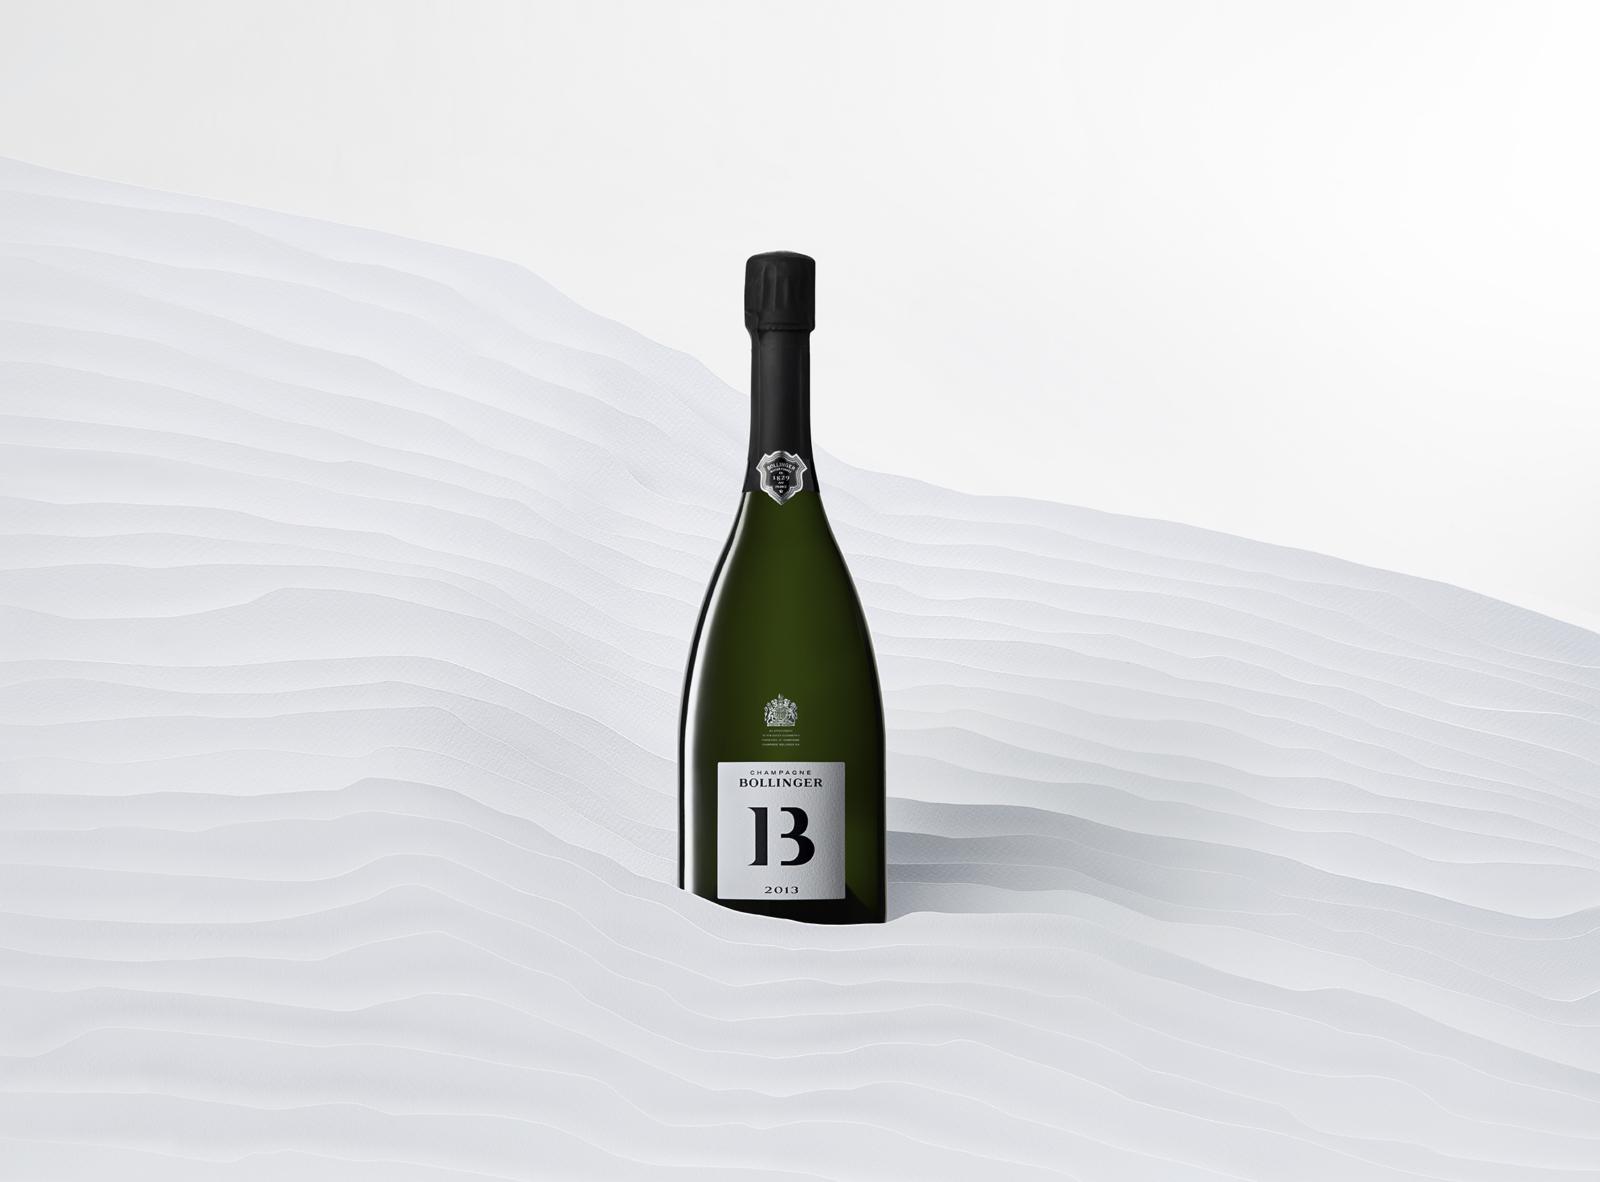 BOLLINGER B13- Un design pensé par l'agence de design de Paris Partisan du Sens.